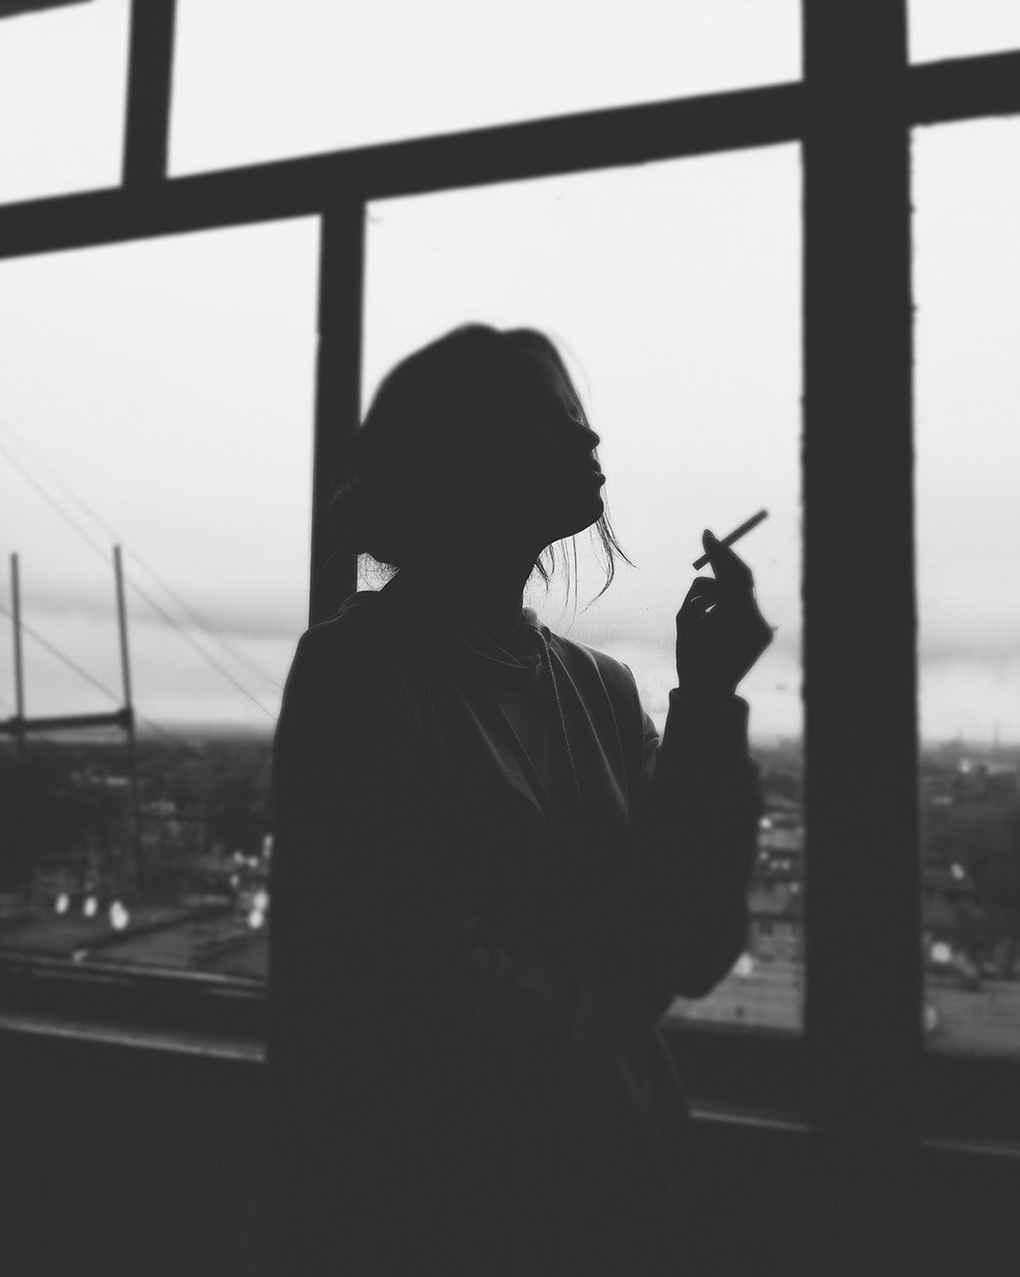 عکس سیگار کشیدن نیوشا ضیغمی , عکس سیگار لاکچری , پروفایل راجب سیگار